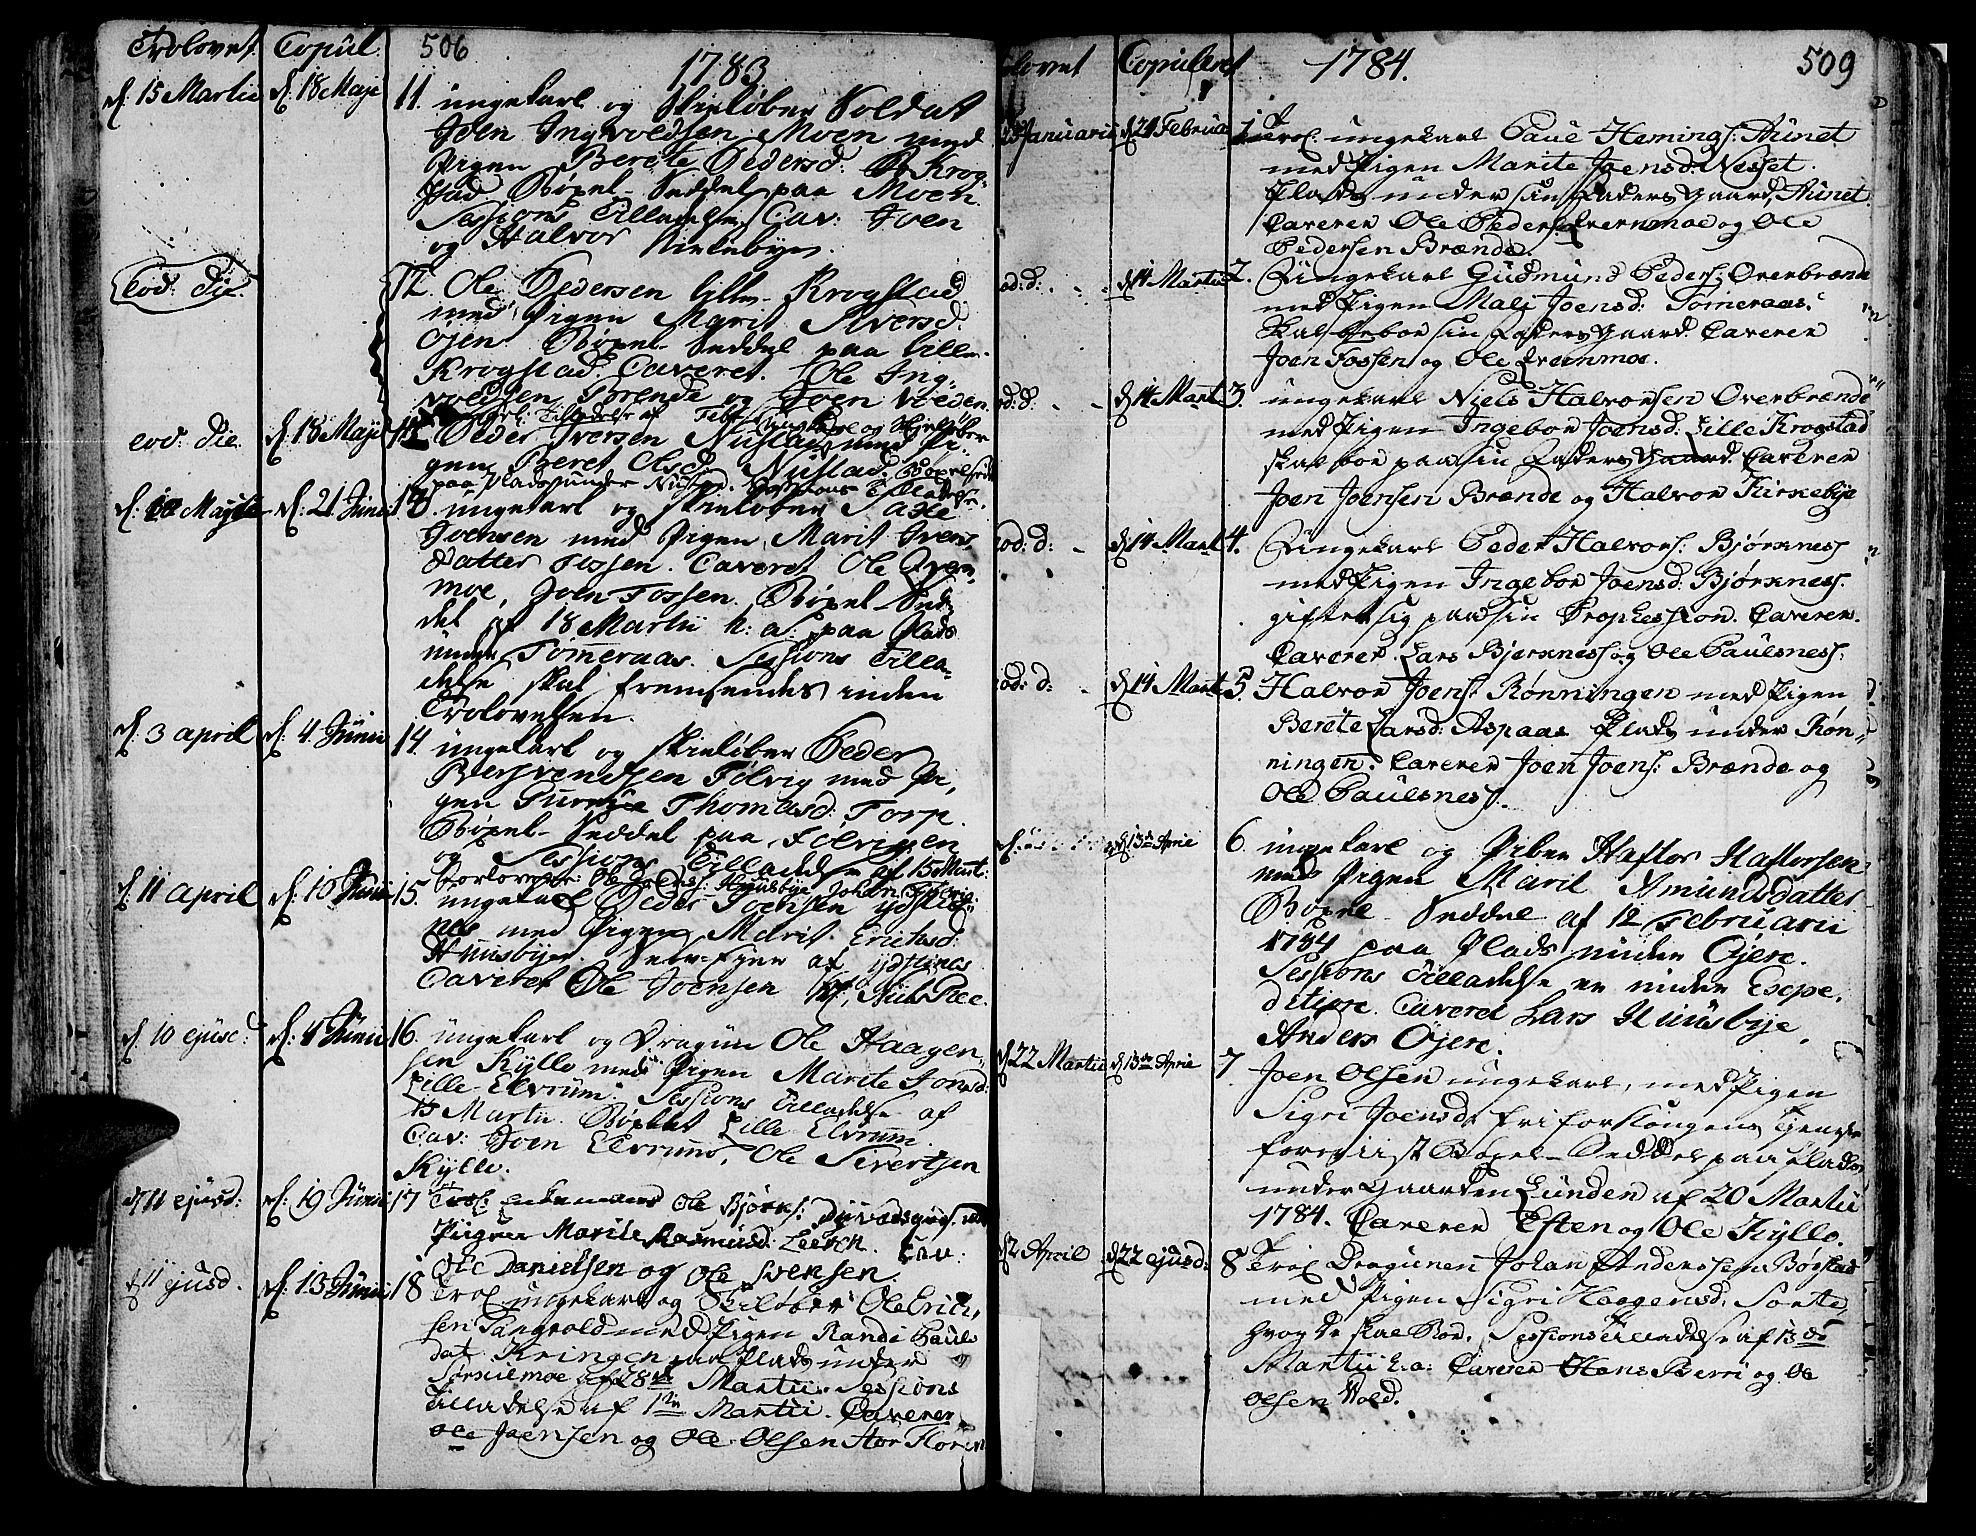 SAT, Ministerialprotokoller, klokkerbøker og fødselsregistre - Nord-Trøndelag, 709/L0059: Ministerialbok nr. 709A06, 1781-1797, s. 506-509